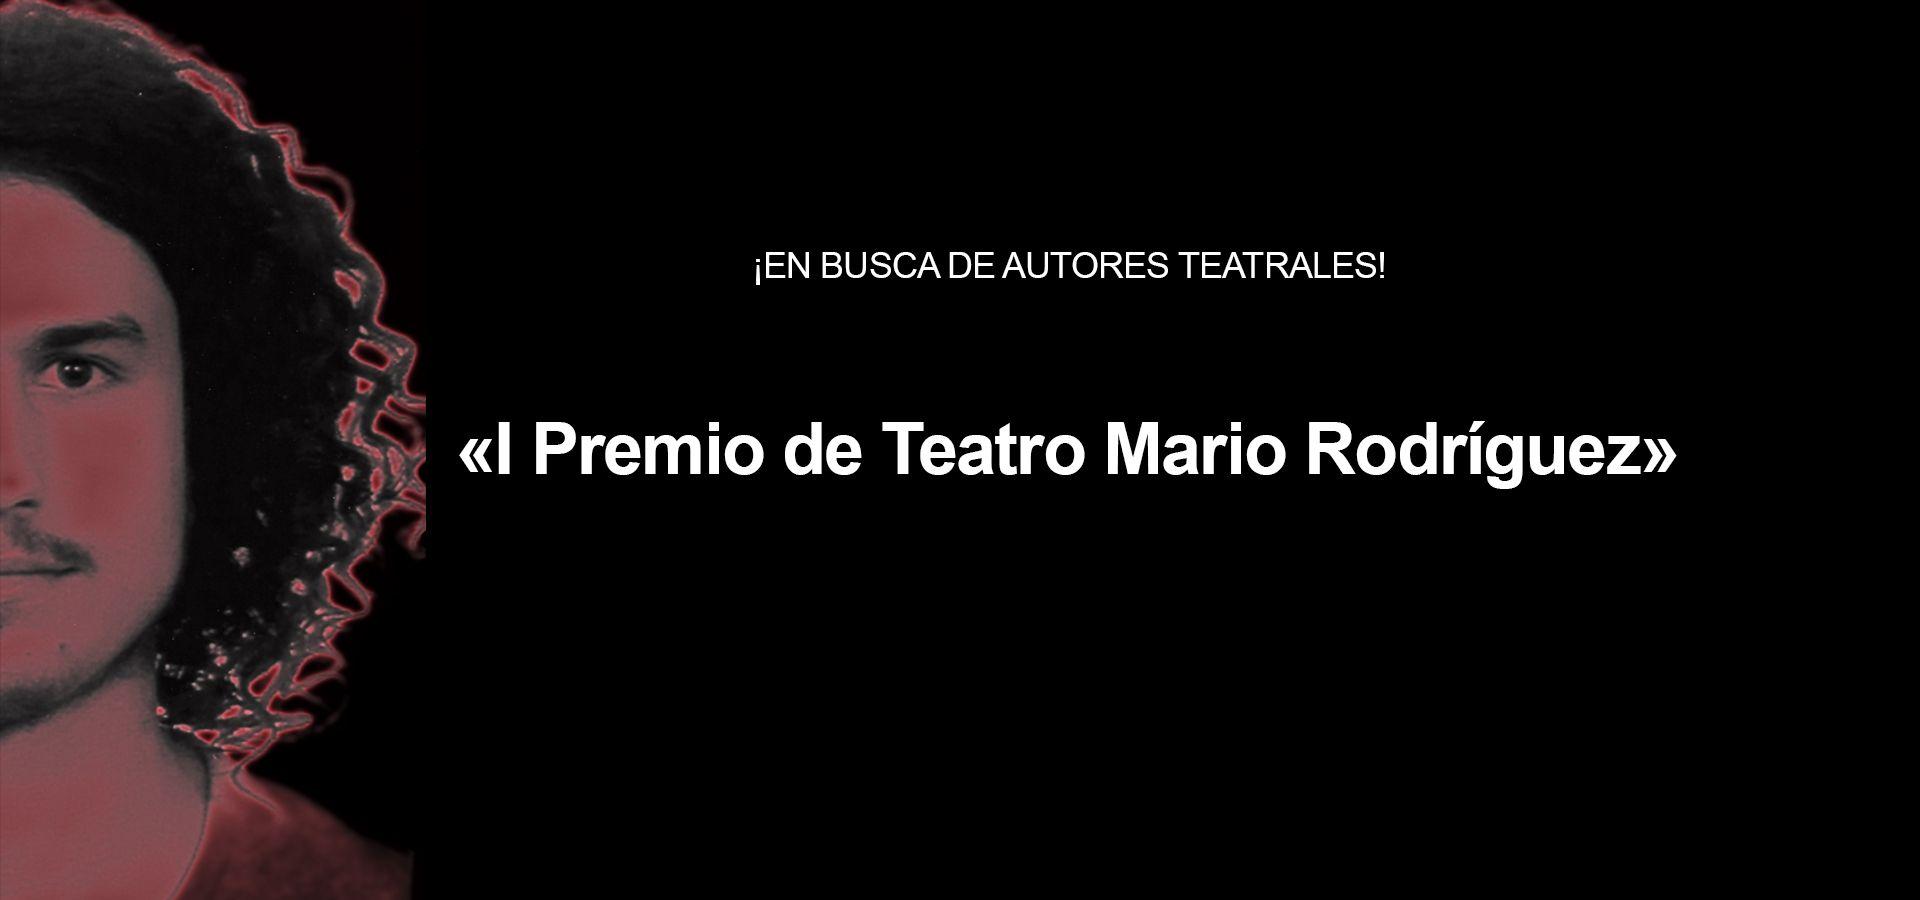 ¡AUTOR DE TEATRO, AÚN ESTÁS A TIEMPO!